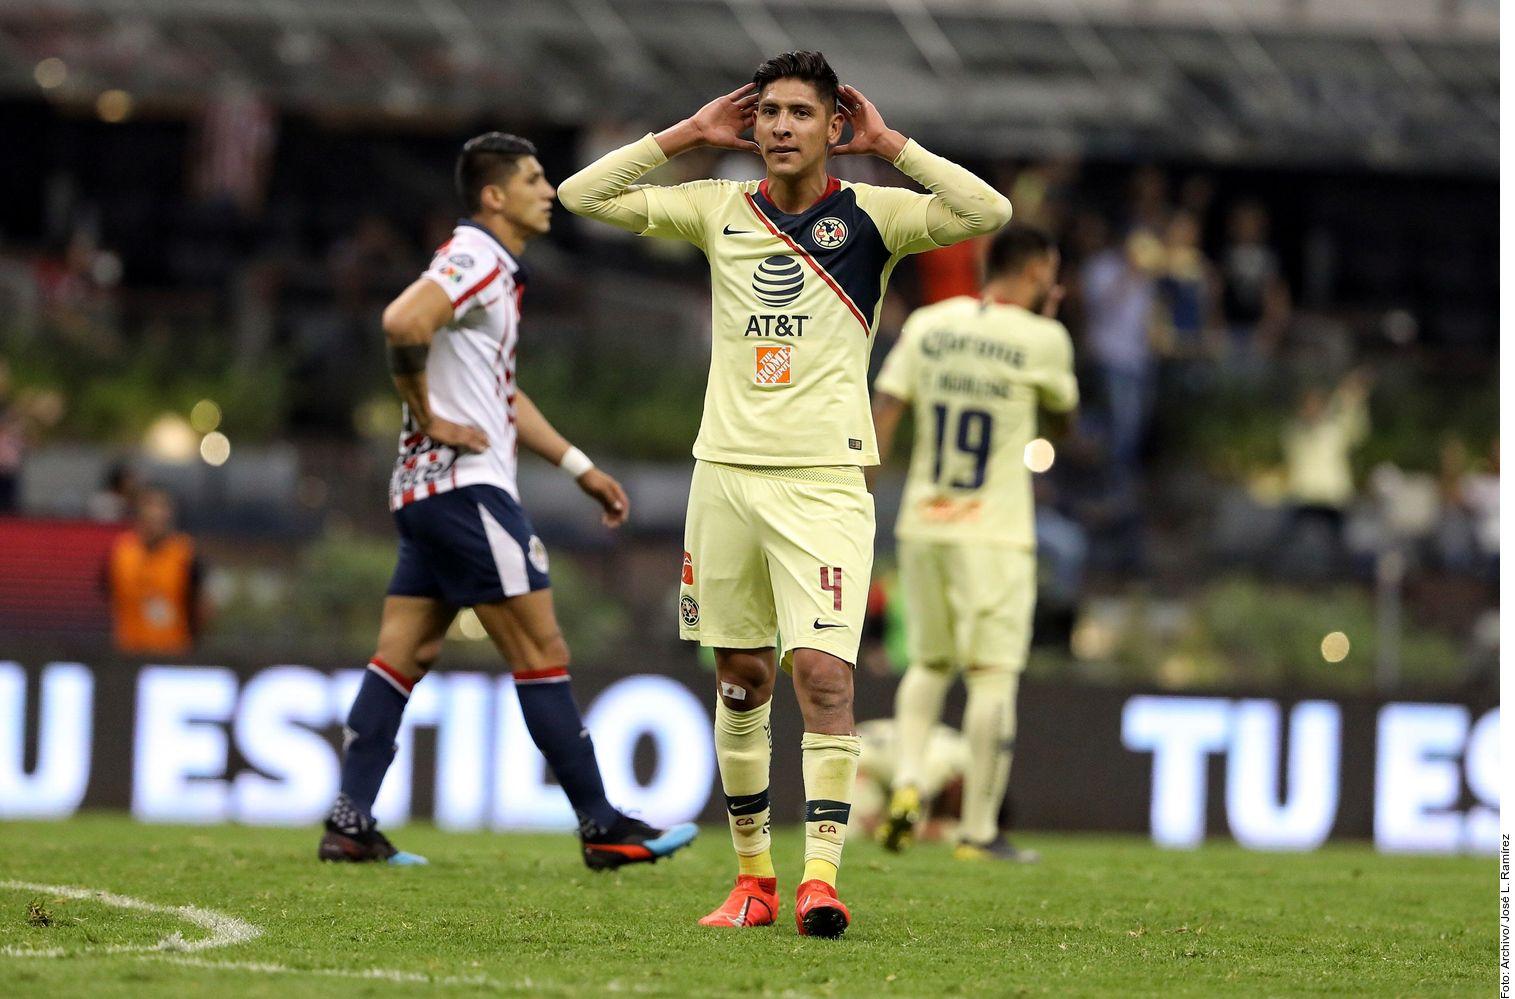 El Ajax estaría buscando los servicios de Edson Álvarez de las Águilas de la Liga MX. Foto Agencia Reforma